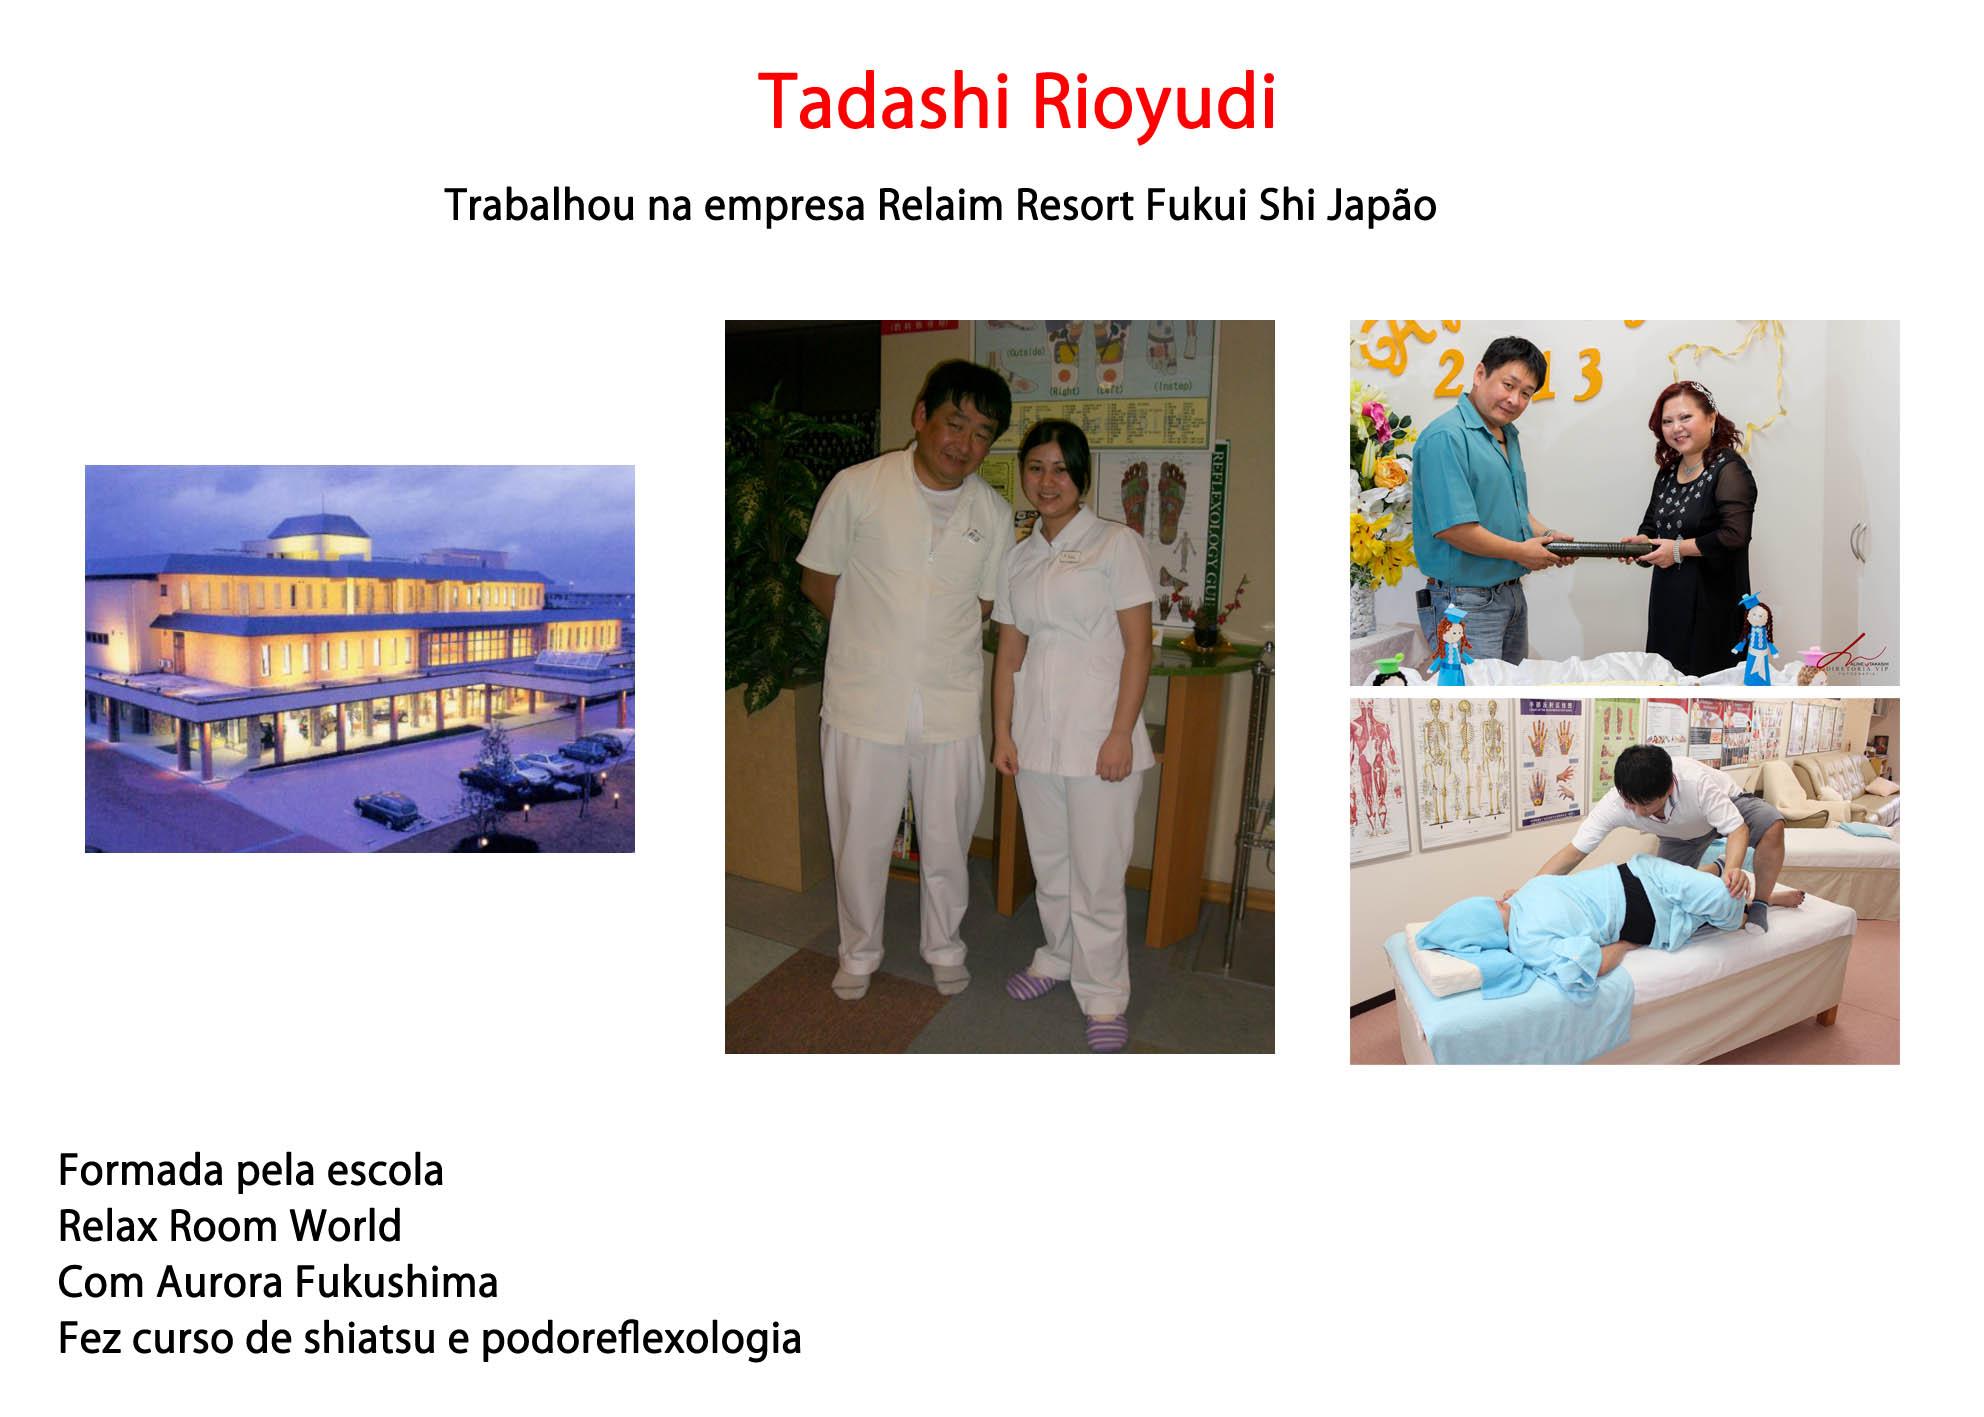 Tadashi Royudi